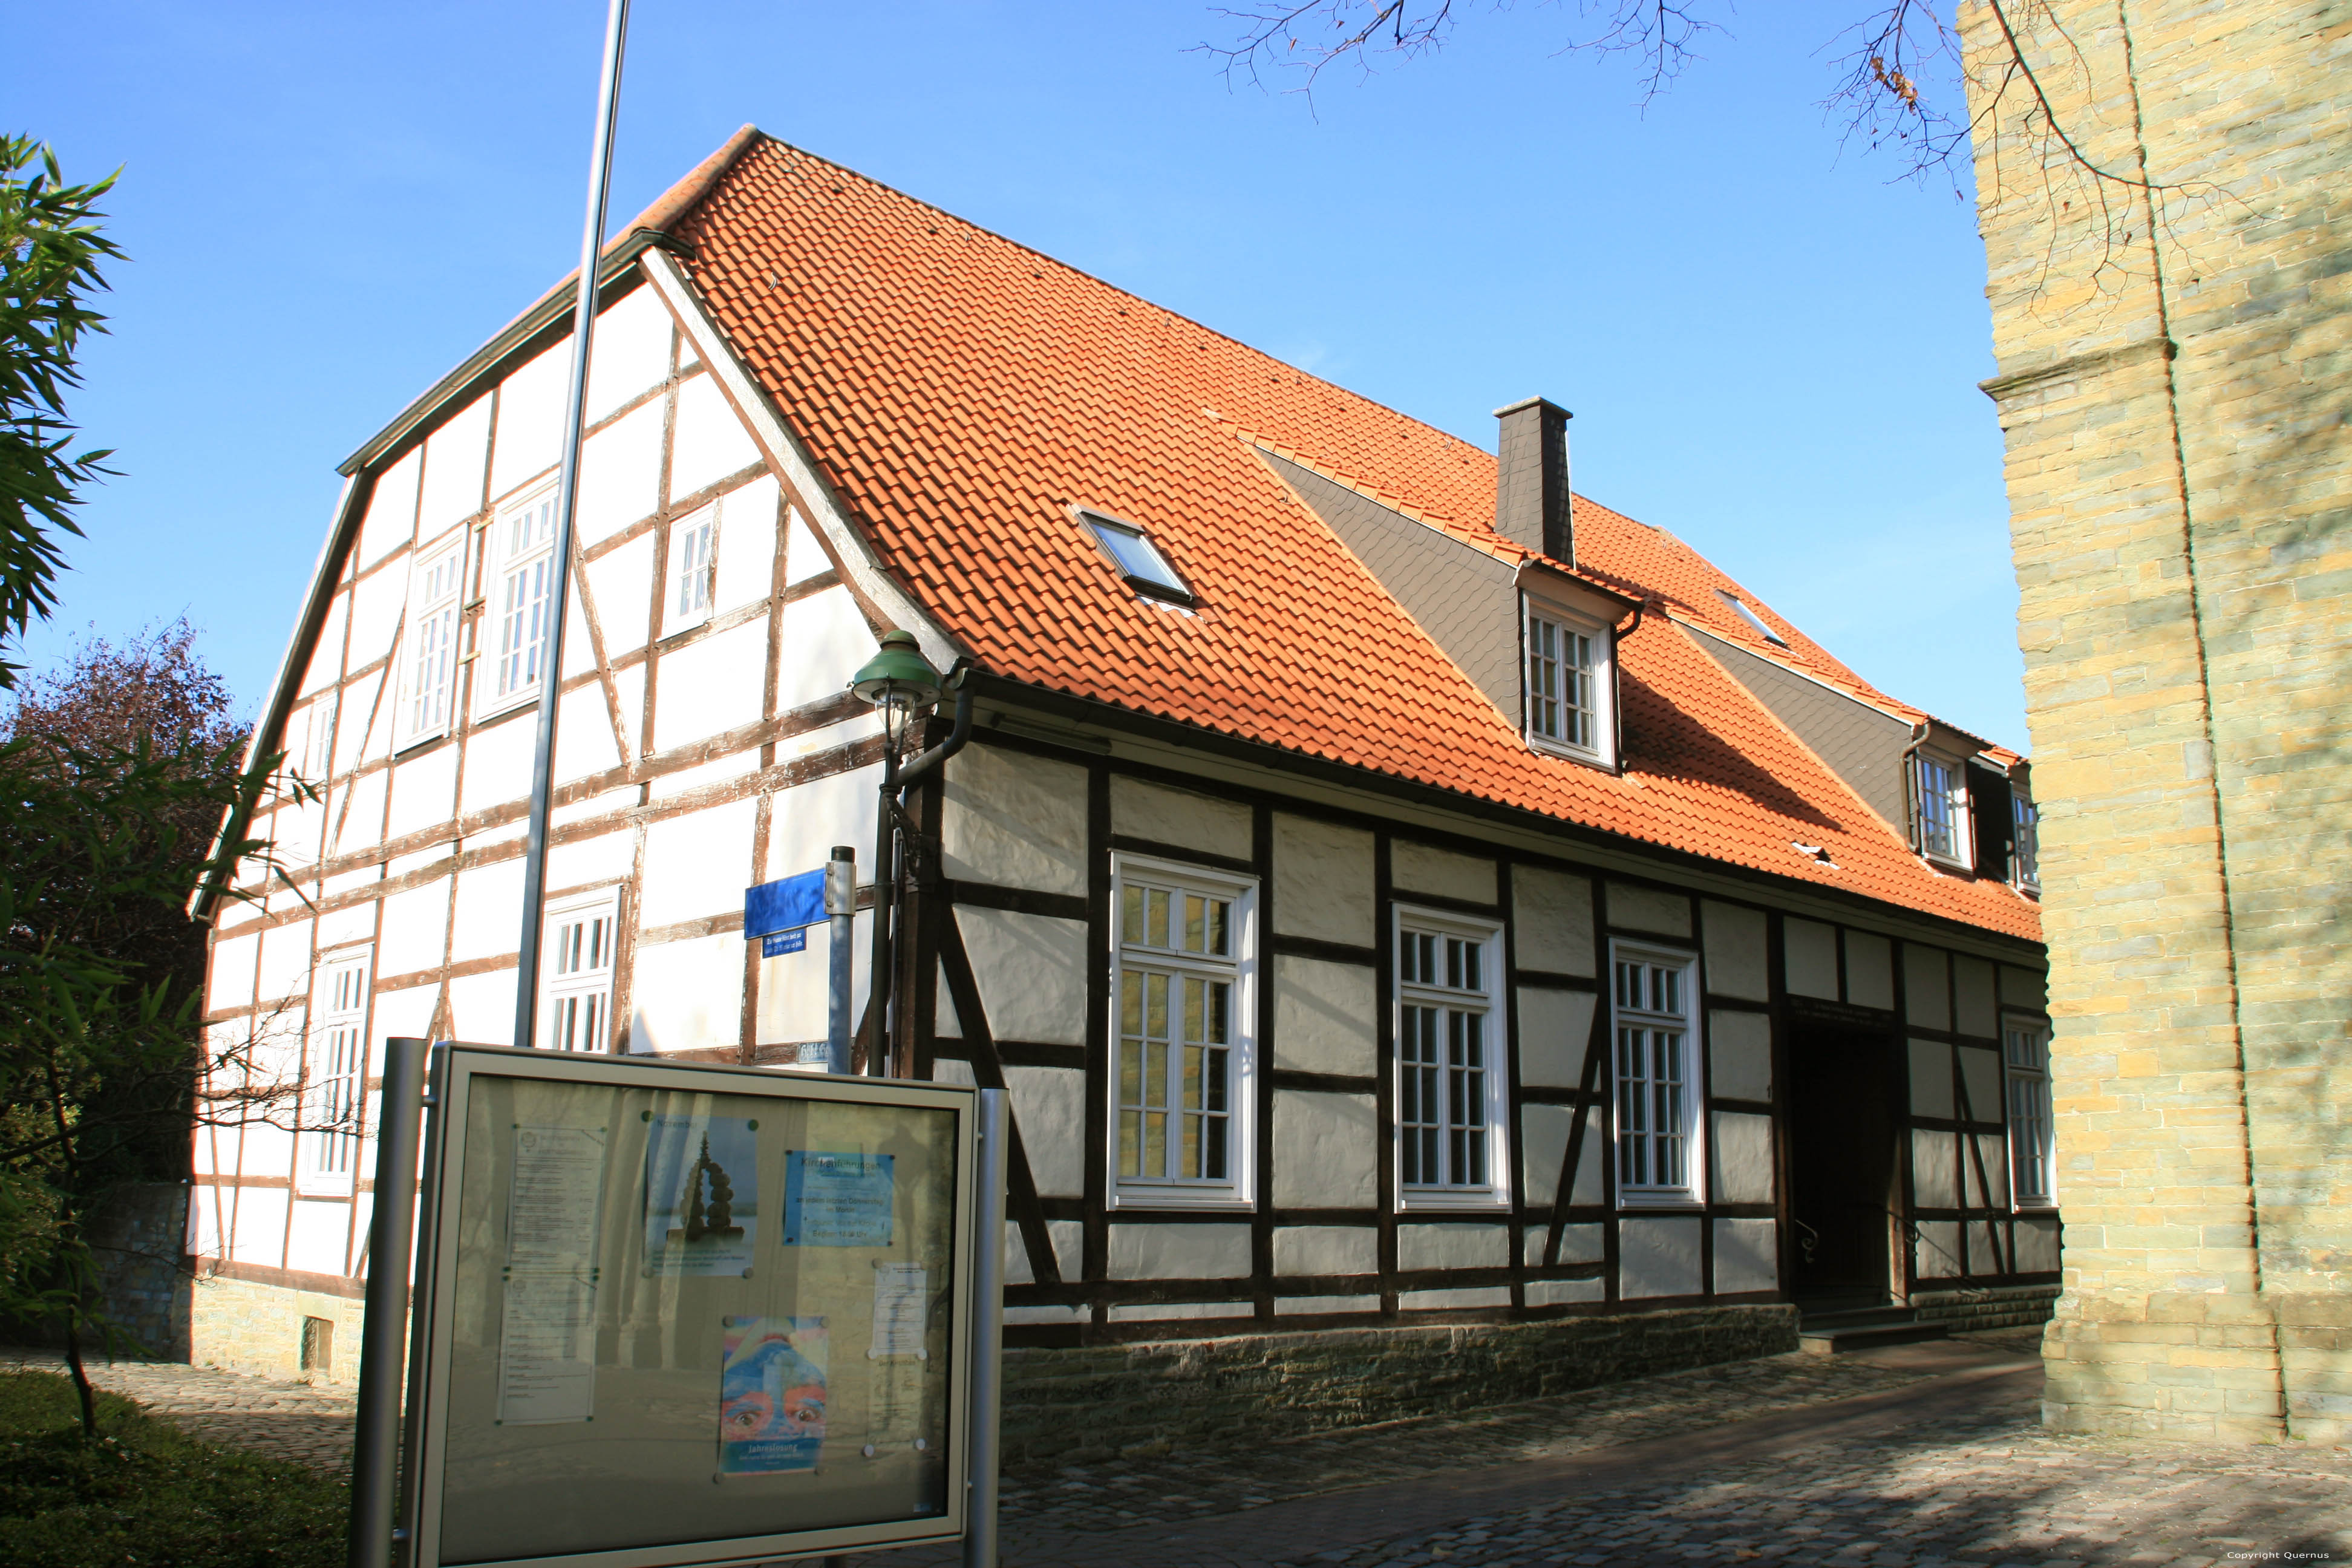 Apostel school evangelische kerk soest duitsland for Evangelische school